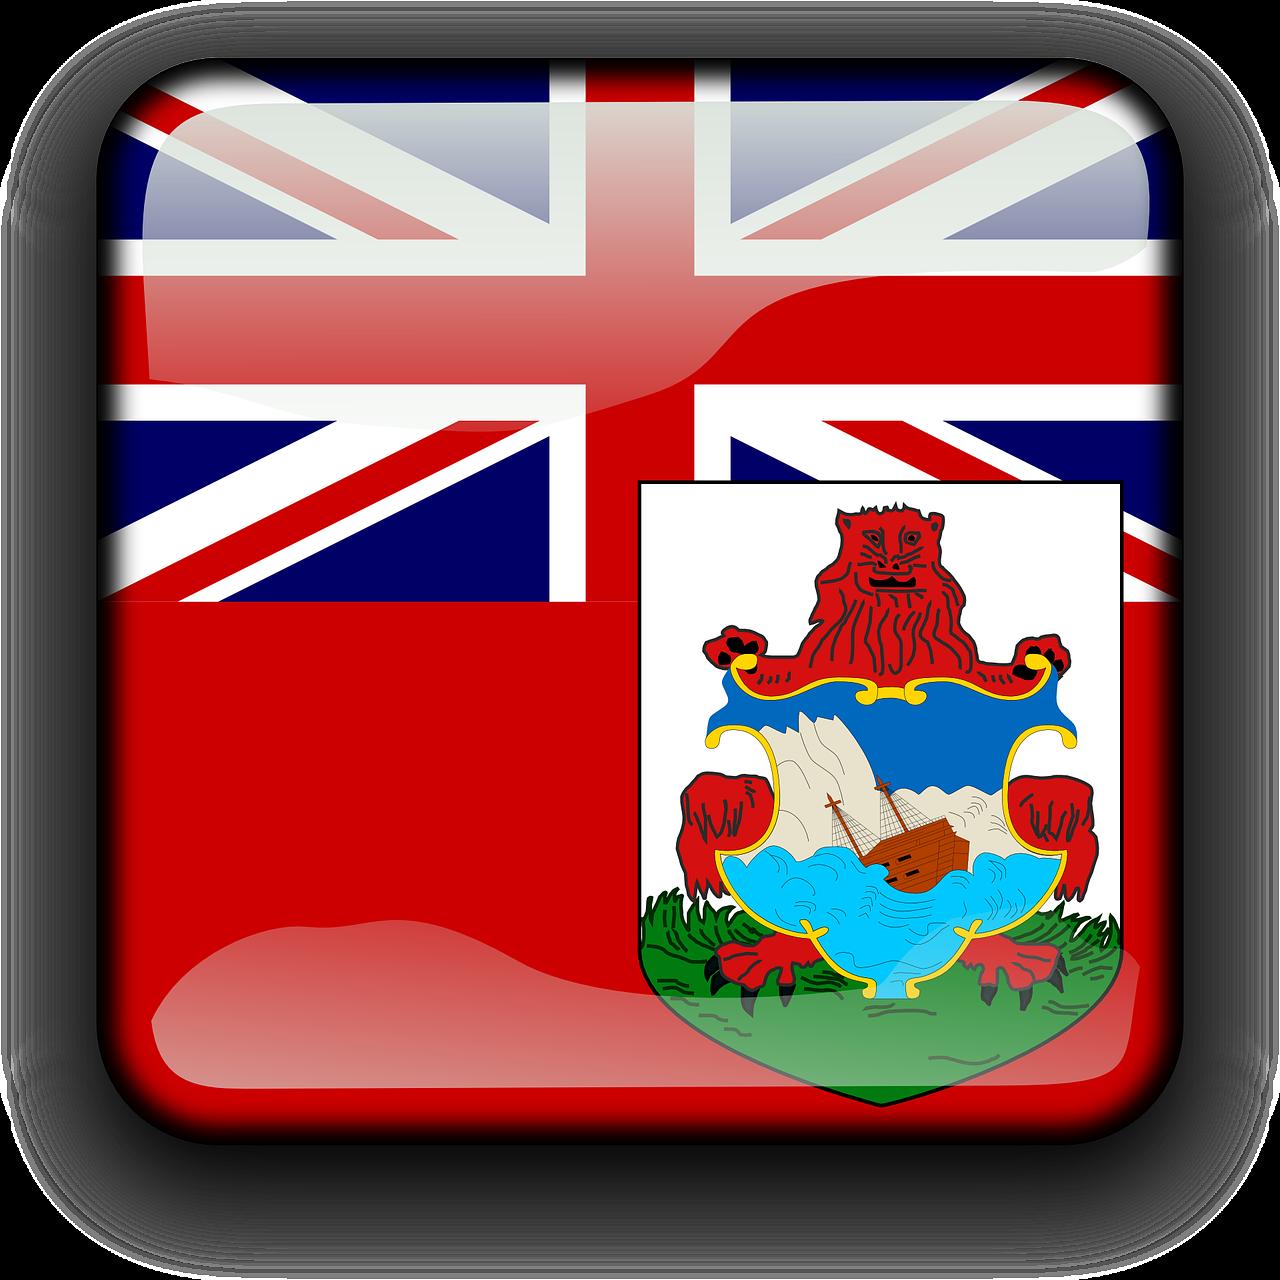 bermuda-156201_1280